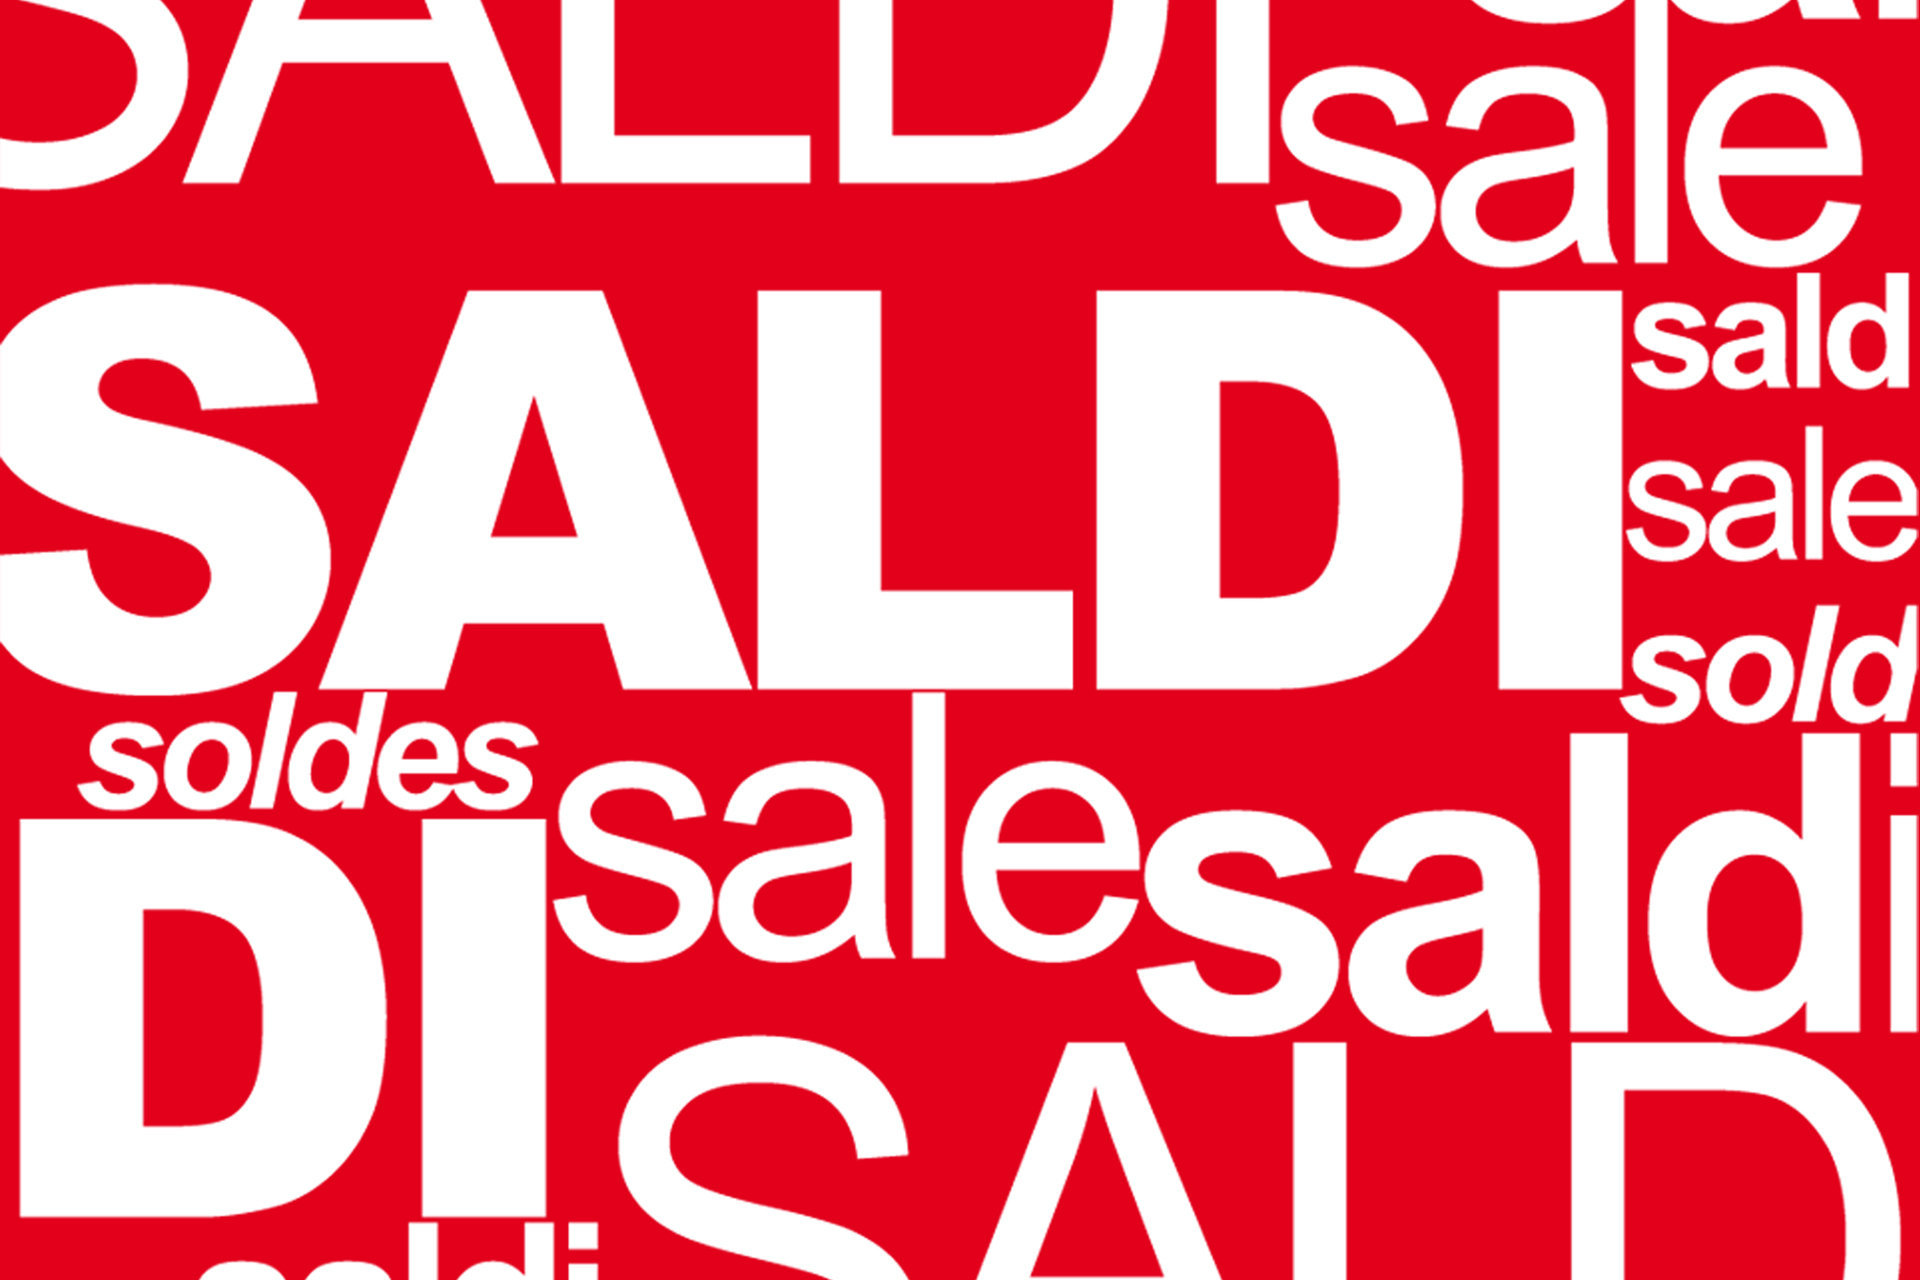 SALDI ESTIVI 2018 Comunicazione e Tabella delle date di inizio e della  durata delle vendite di fine stagione 2a61af047c5